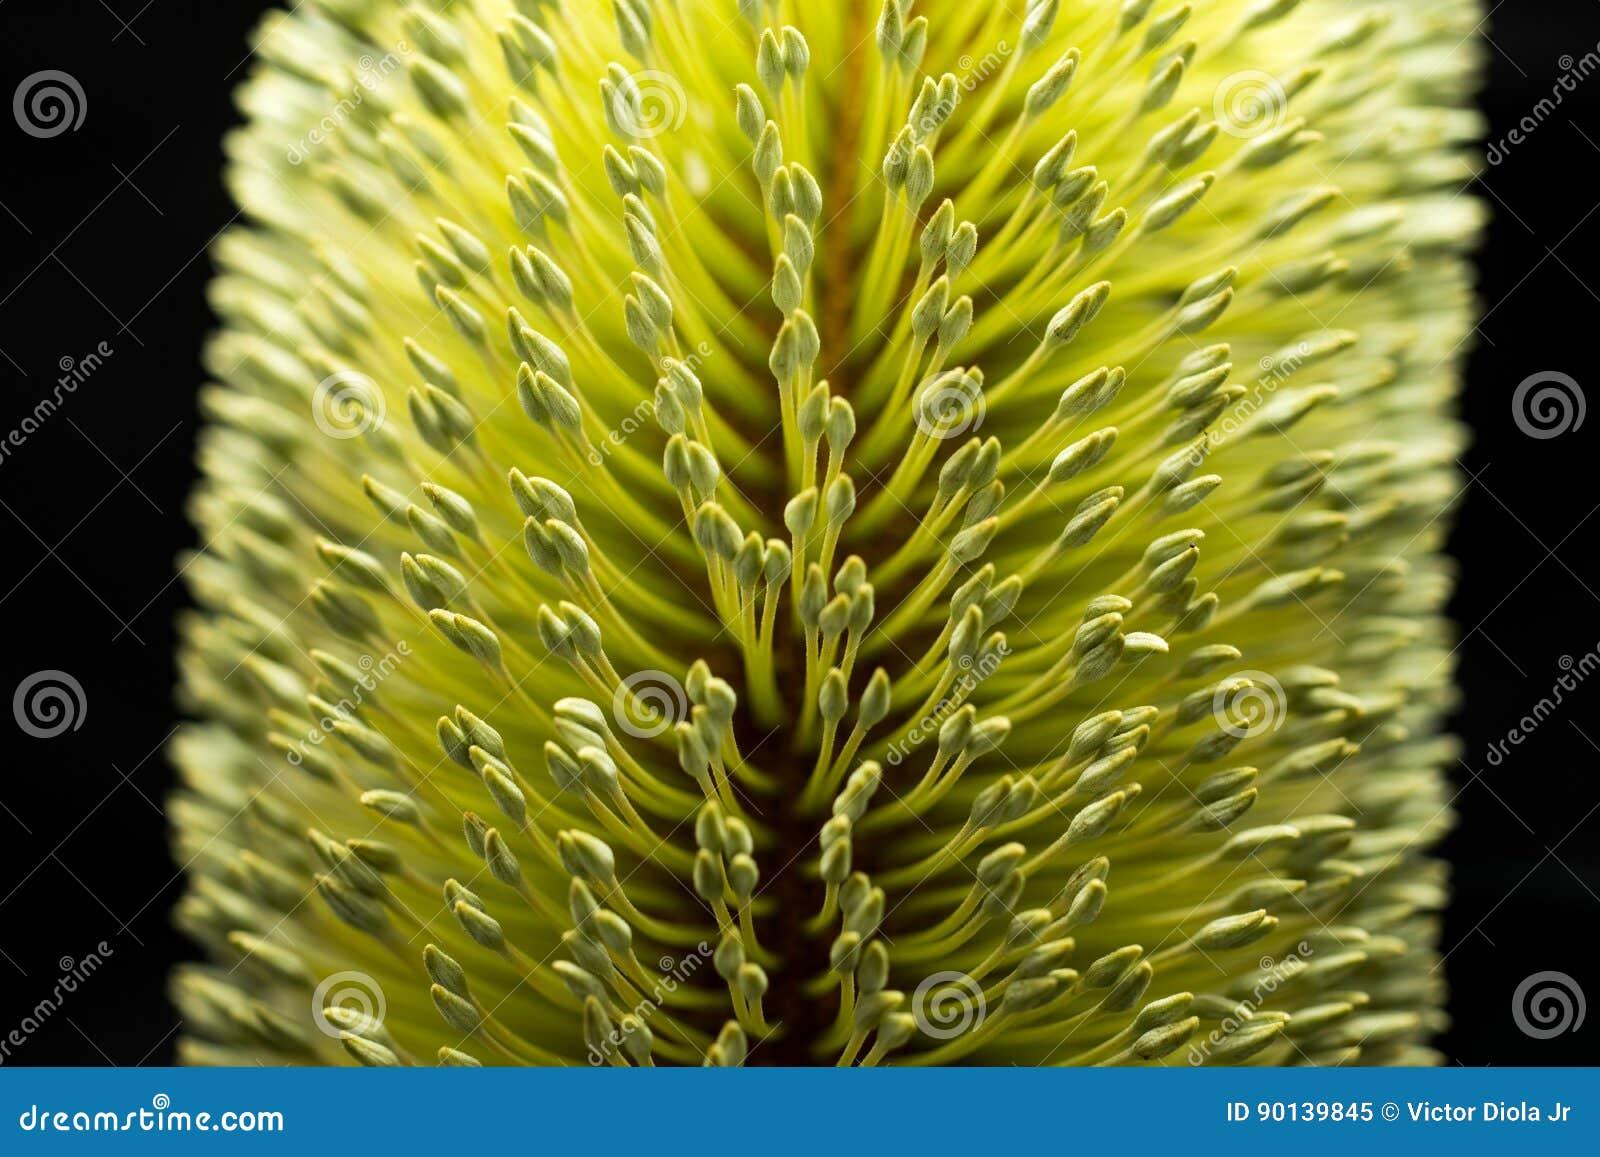 Banksia-Blumen-makro schwarzer Hintergrund